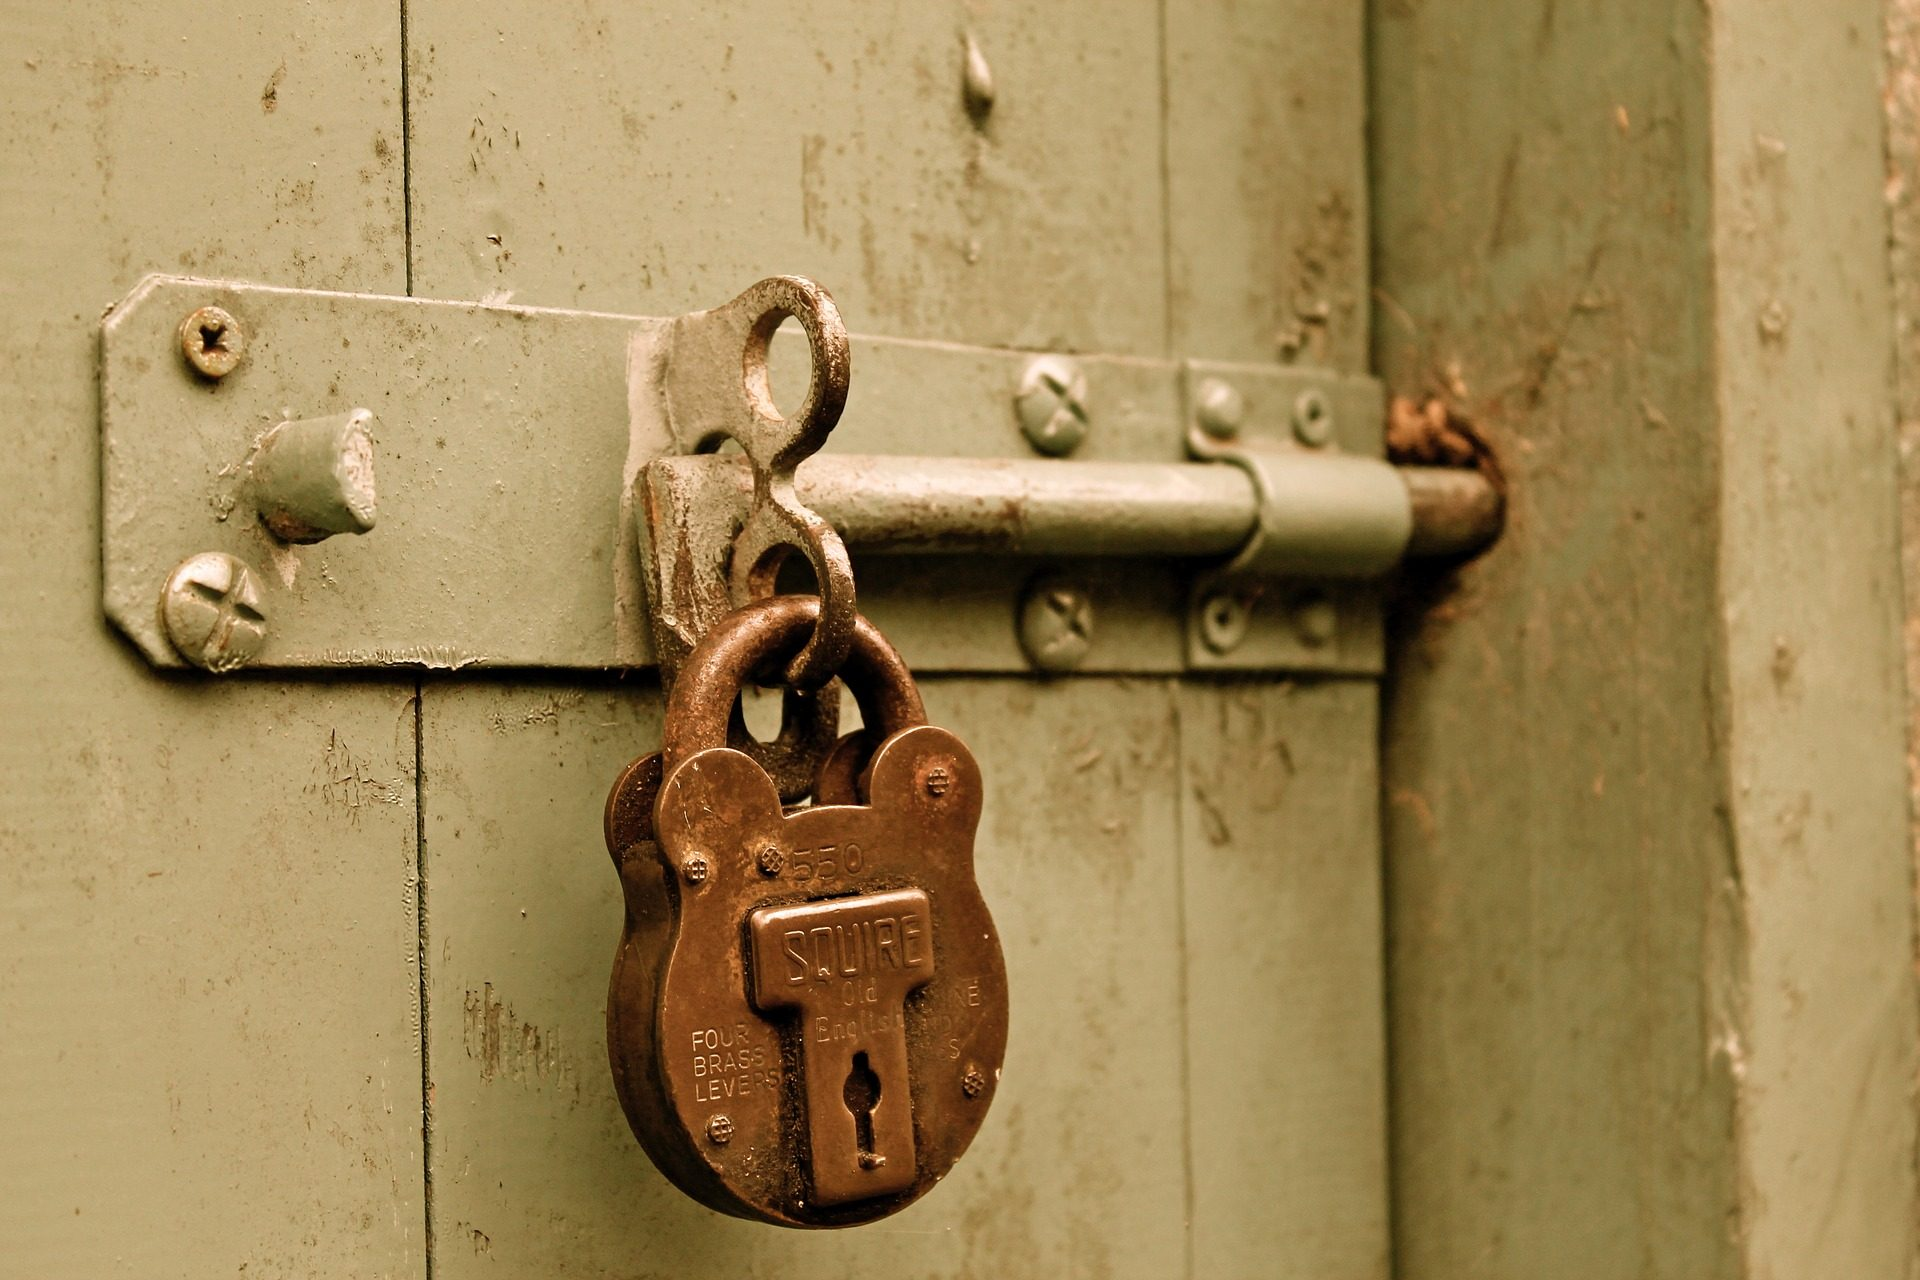 porta, serratura, bullone, lucchetto, antiguo, vecchio - Sfondi HD - Professor-falken.com